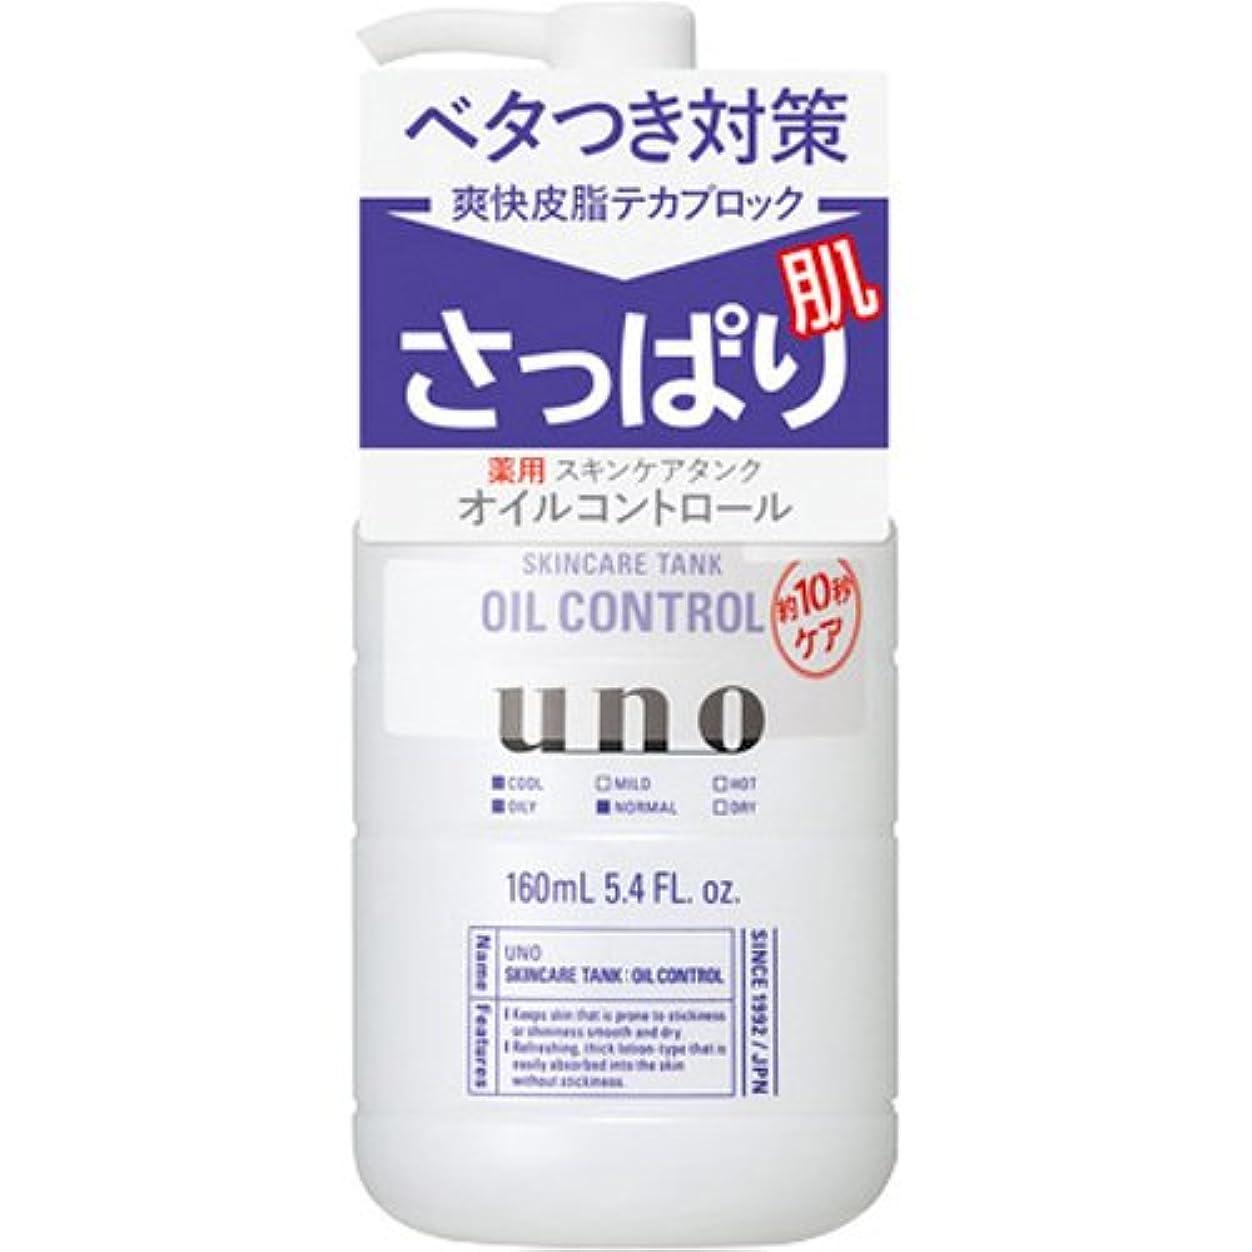 枯れるレキシコン絡まる資生堂 ウーノ スキンケアタンク [さっぱり] (医薬部外品)《160mL》